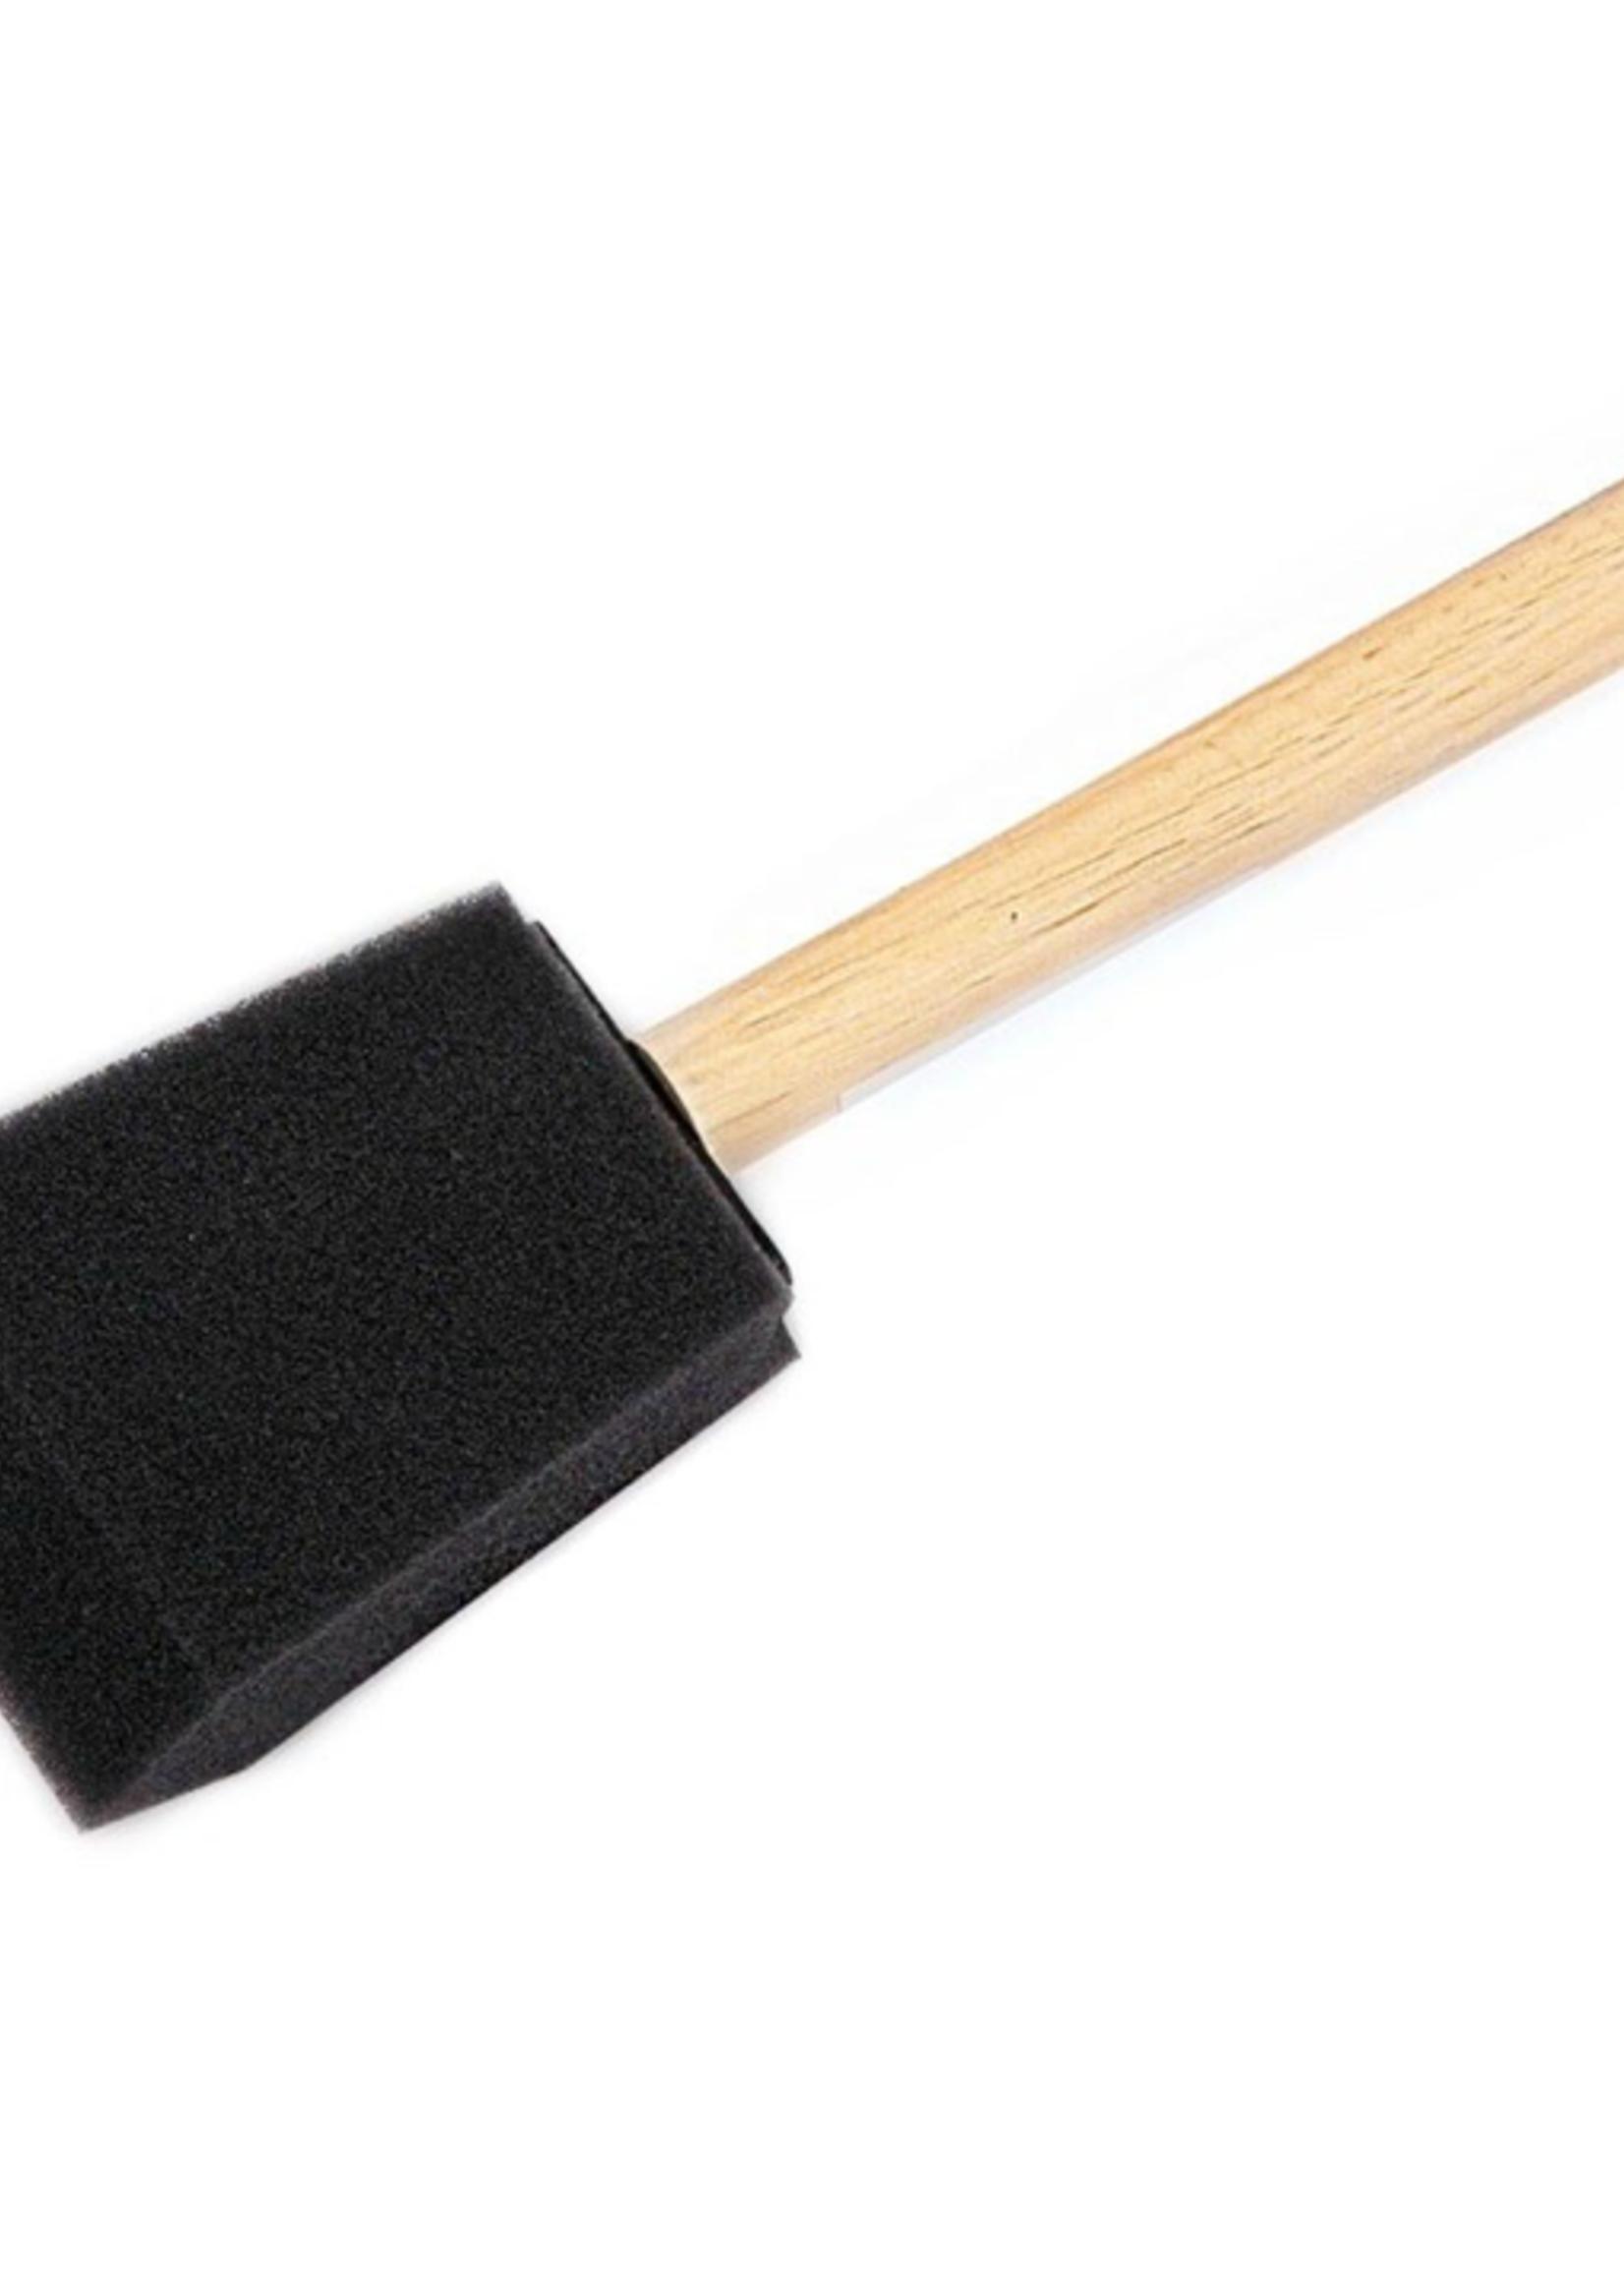 MULTI VENDOR SIMPLE FOAM BRUSH